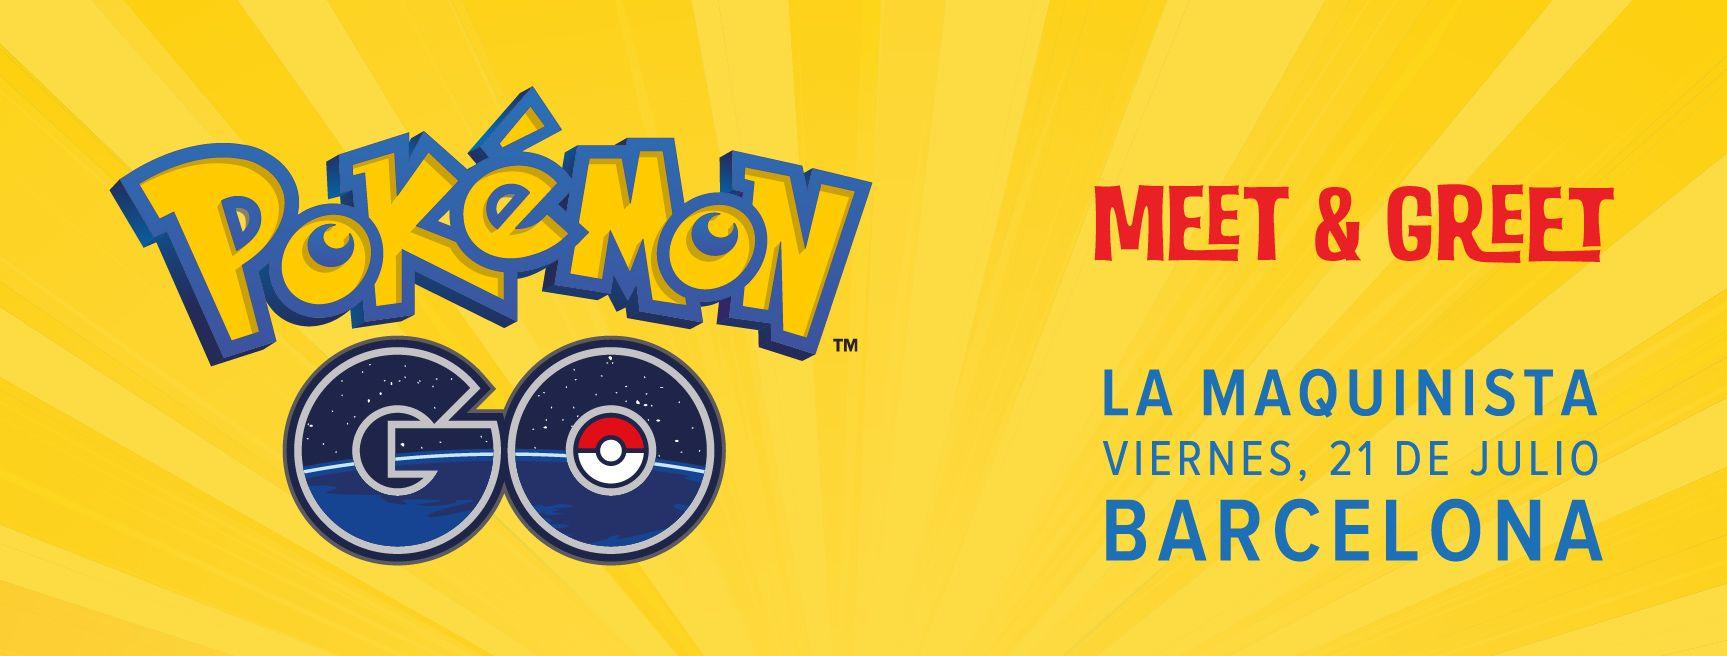 Pok mon go meet greet evento de pikachu en la maquinista - Centro comercial el maquinista ...